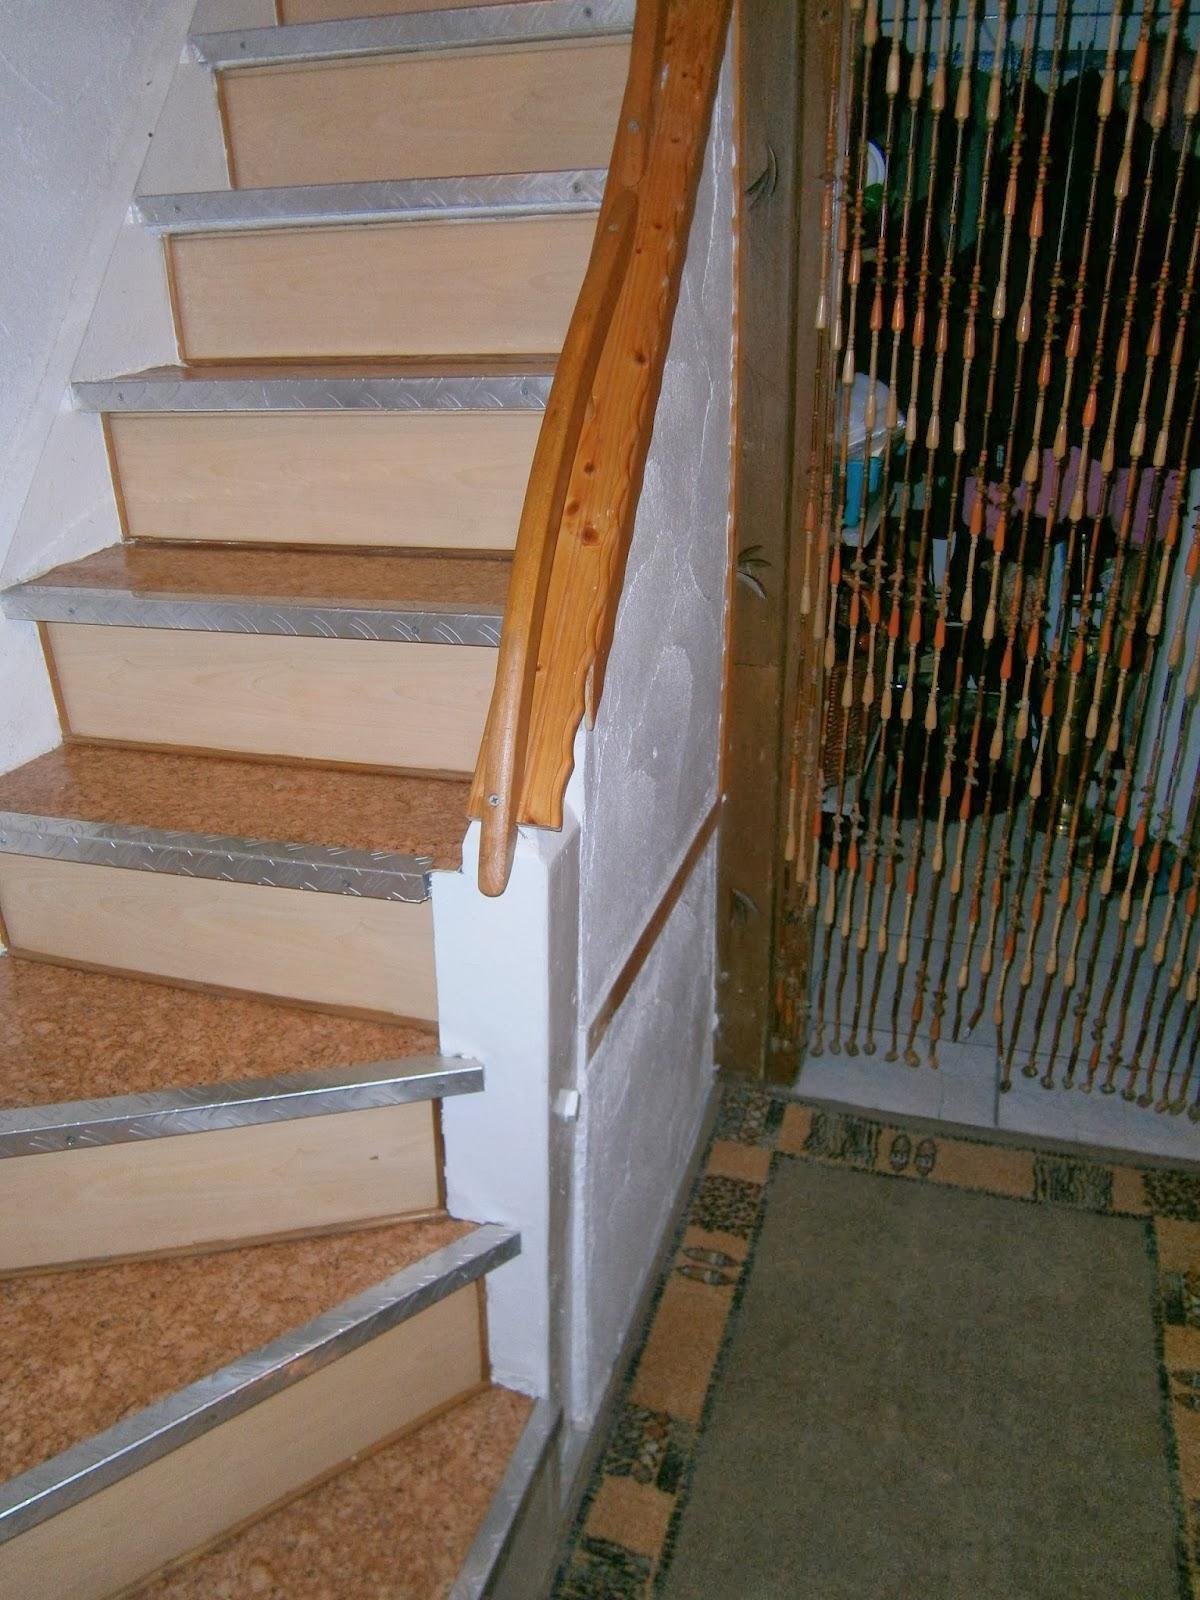 h k treppenrenovierung eine treppenrenovierung gibt der treppe einen neuen charakter. Black Bedroom Furniture Sets. Home Design Ideas